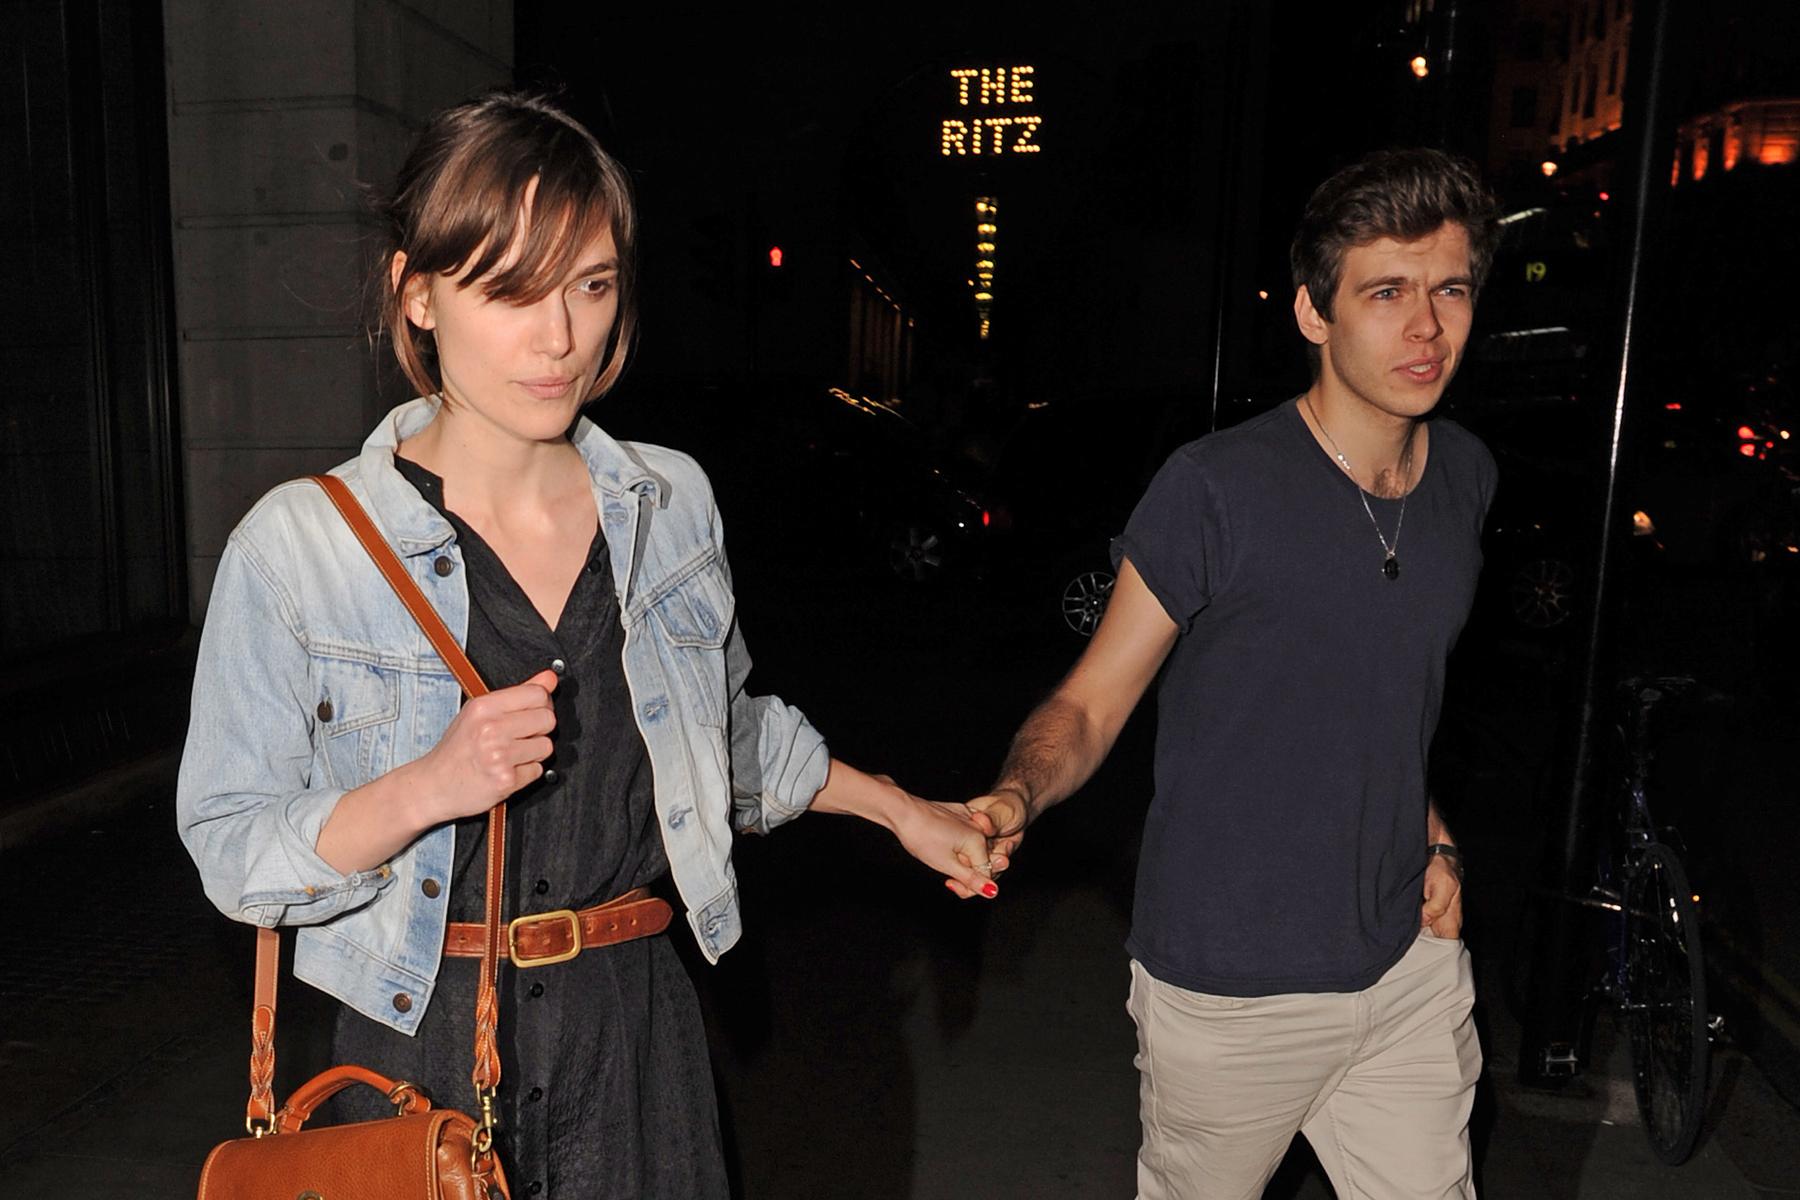 Keira Knightley And Boyfriend 2013 Keira Knightley weds r...